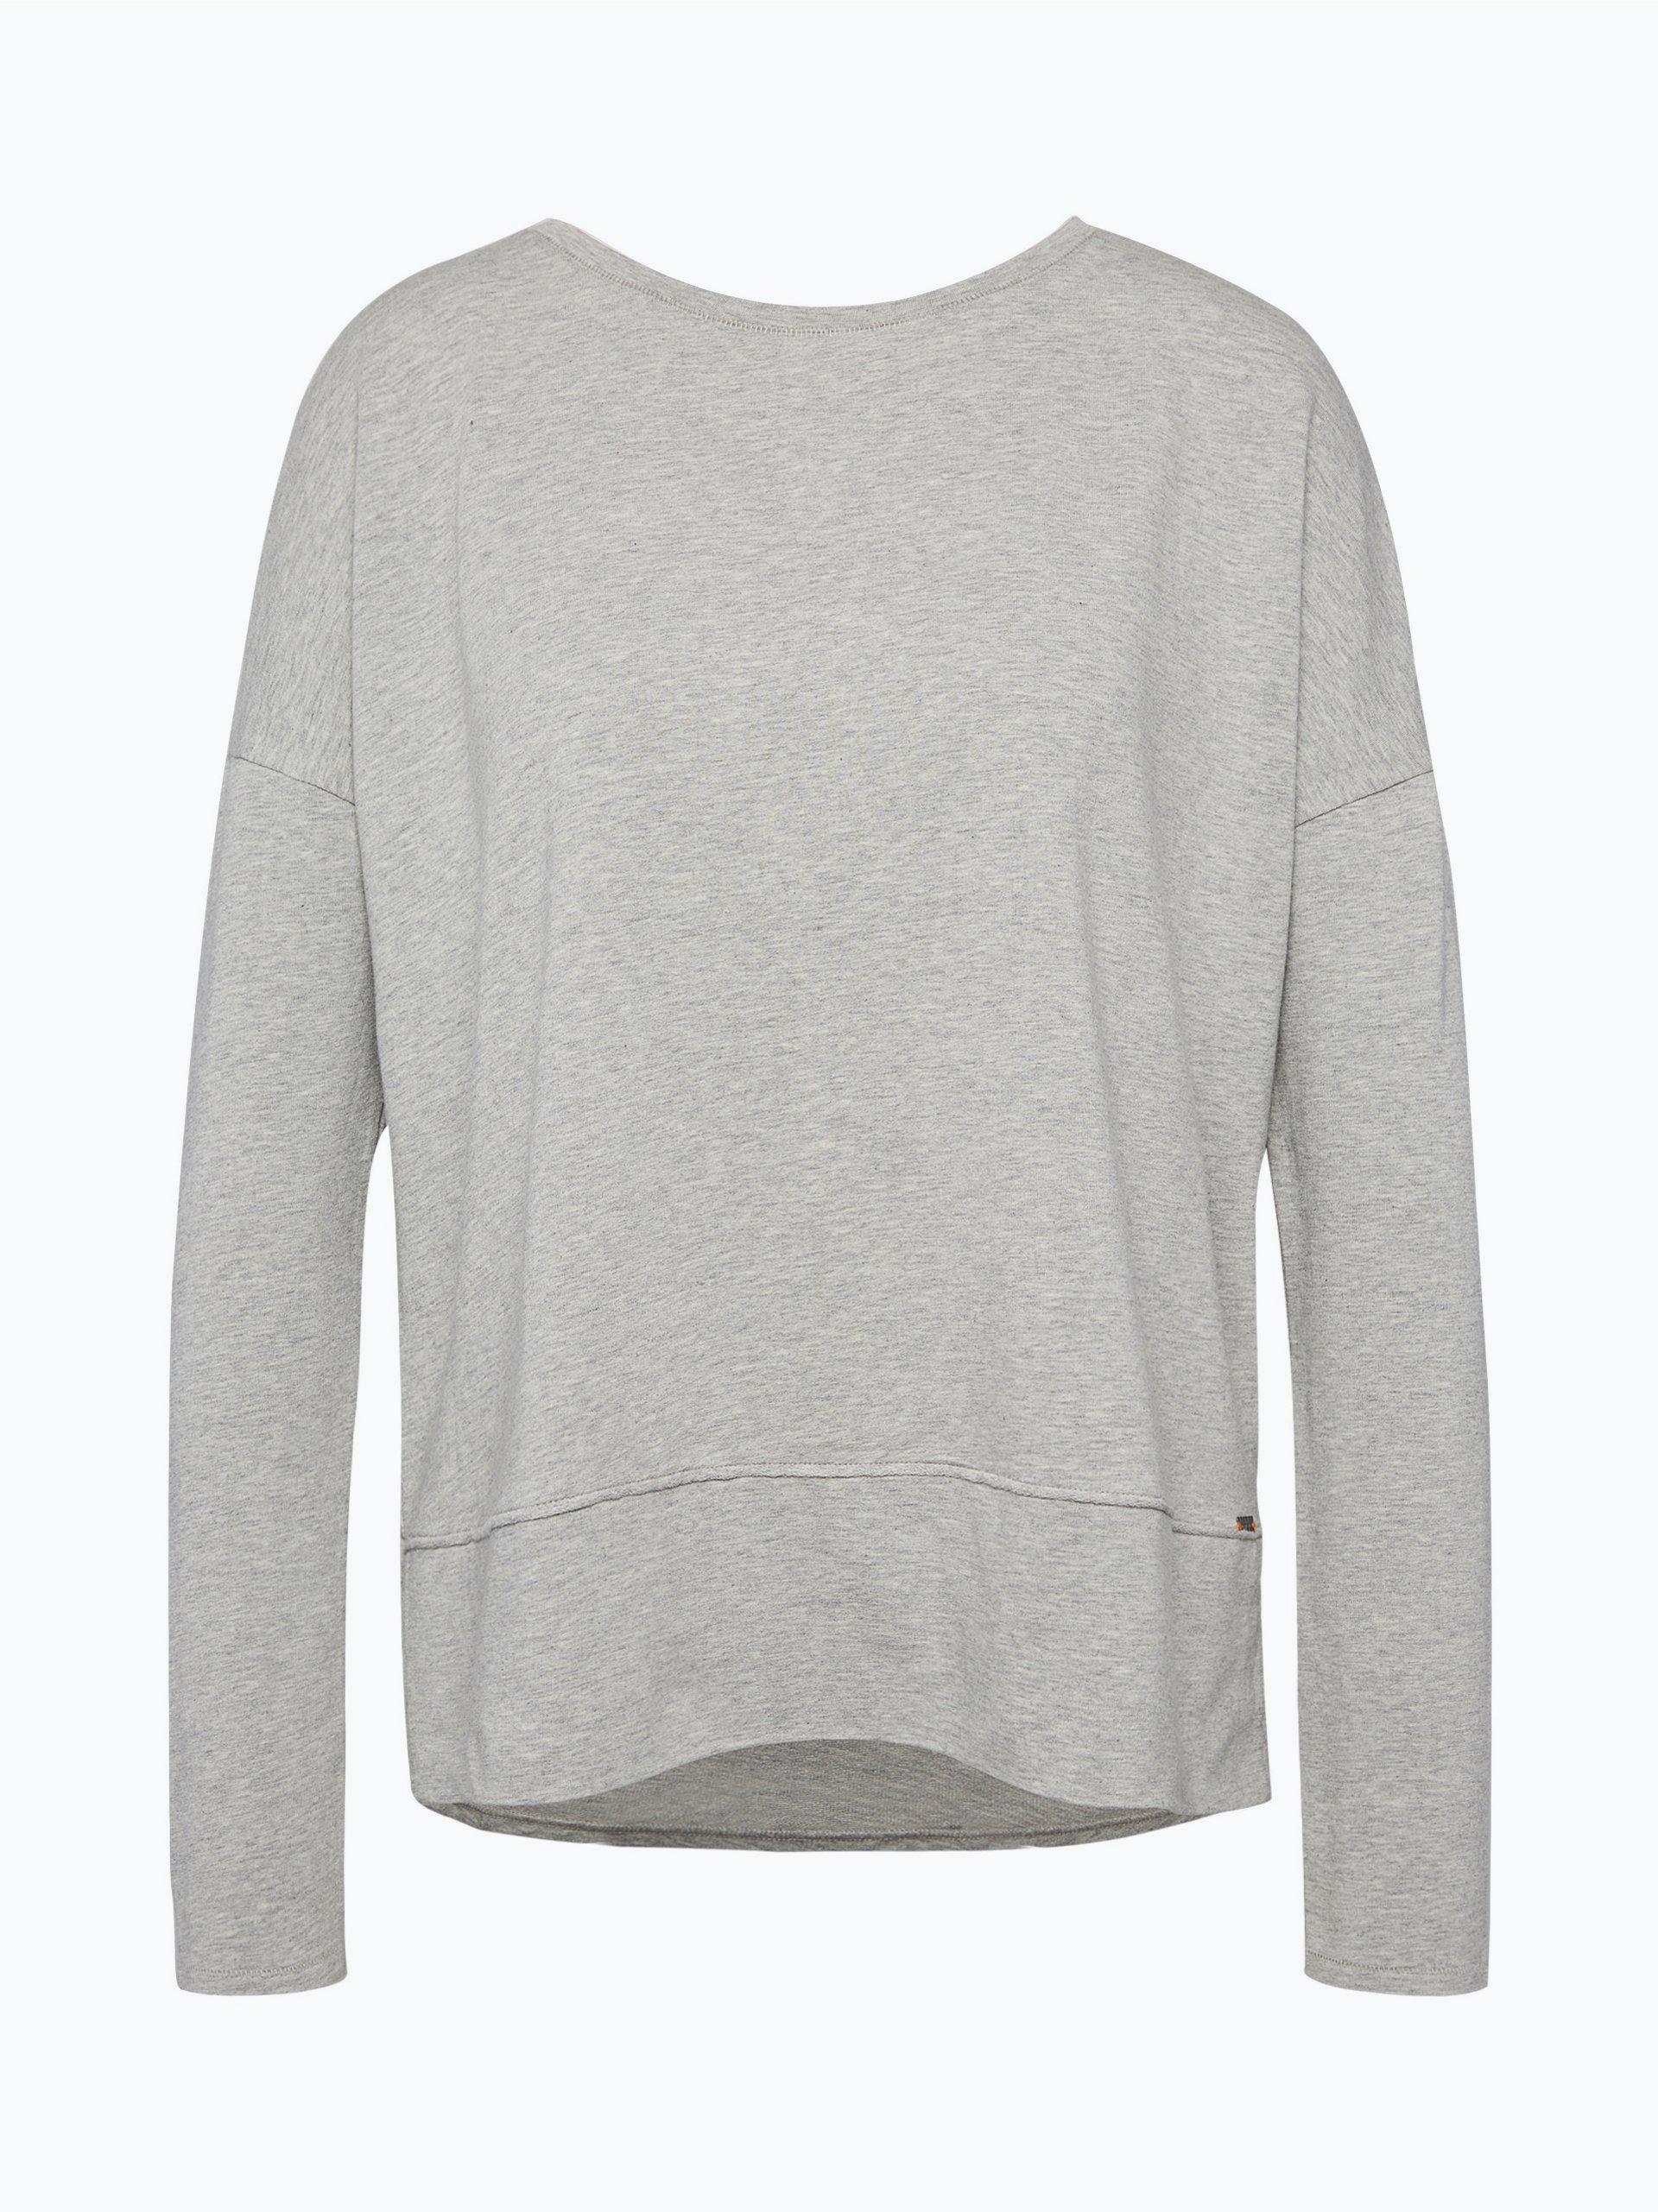 BOSS Casual Damska bluza nierozpinana – Tersweat